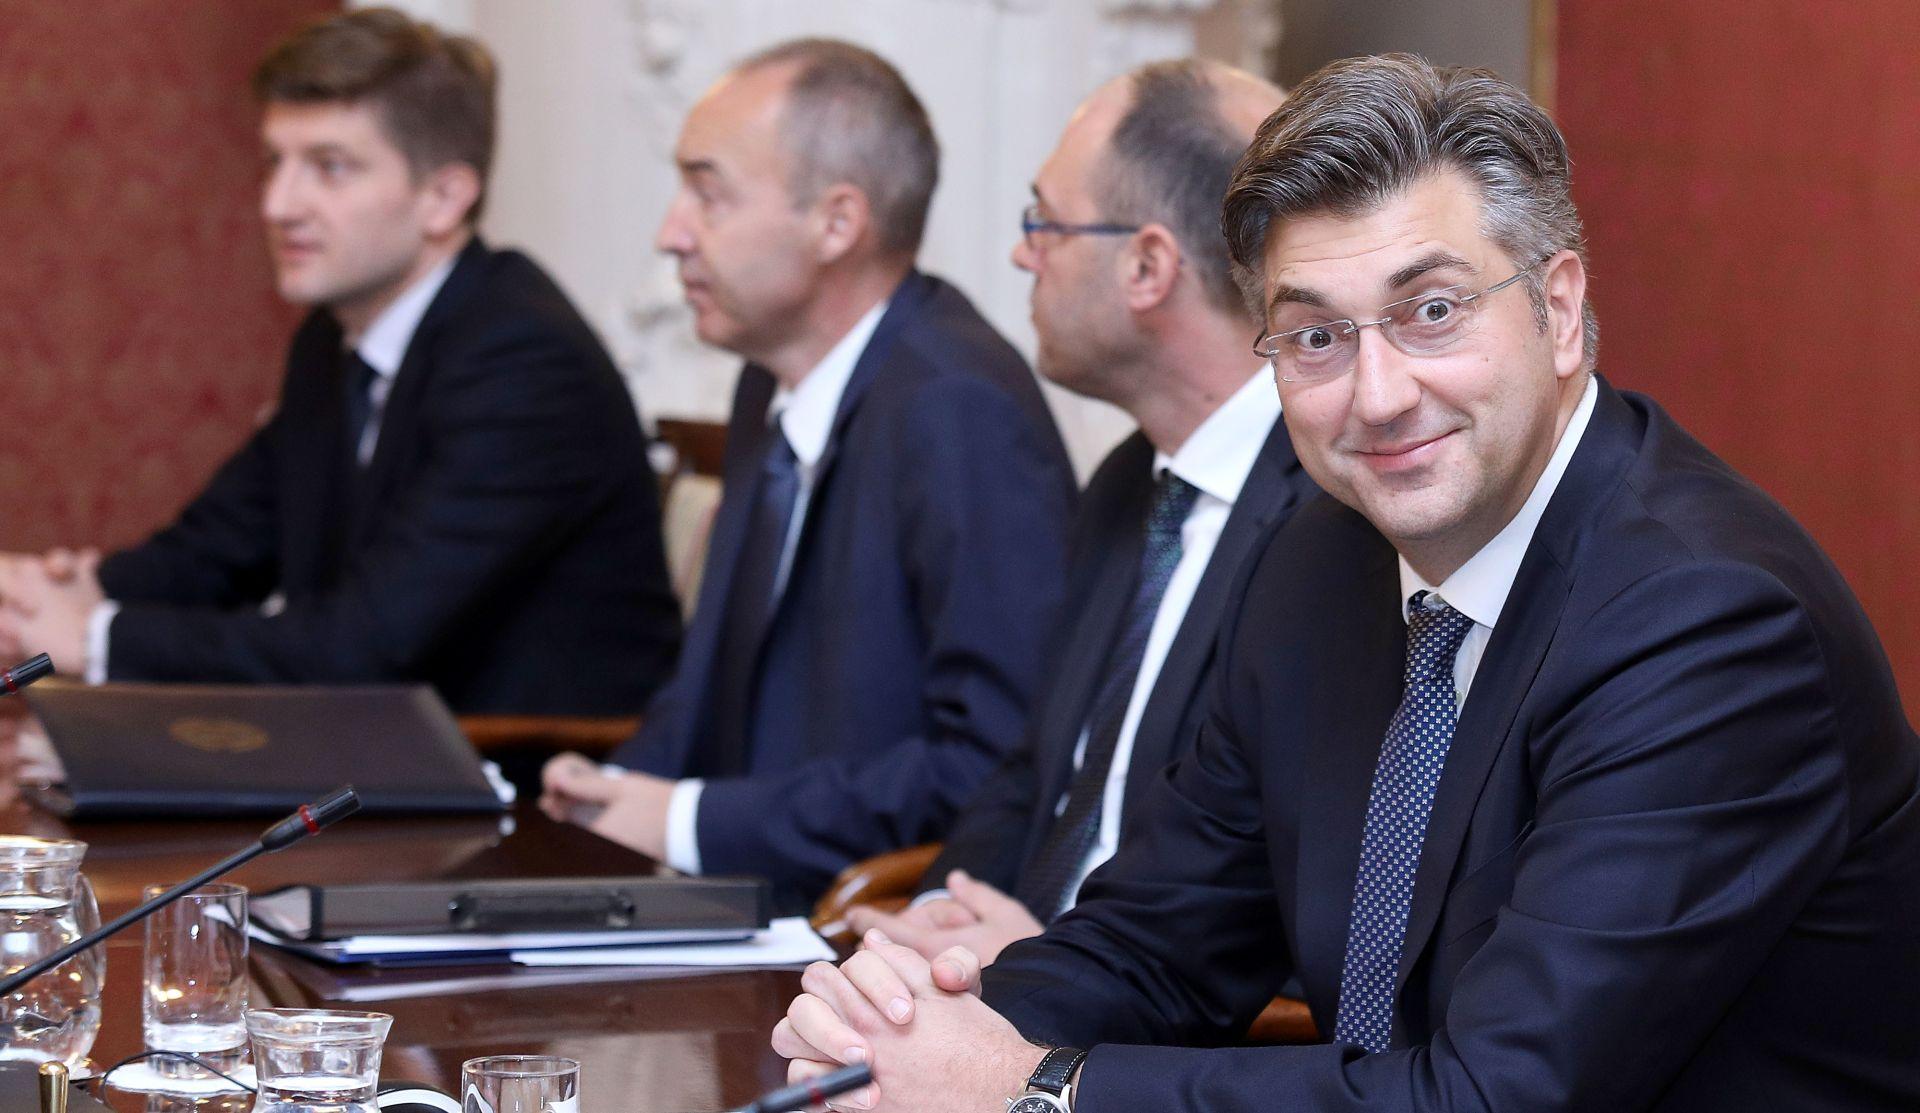 BANSKI DVORI Goran Marić ostaje ministar, sastanak Plenkovića s ministrima